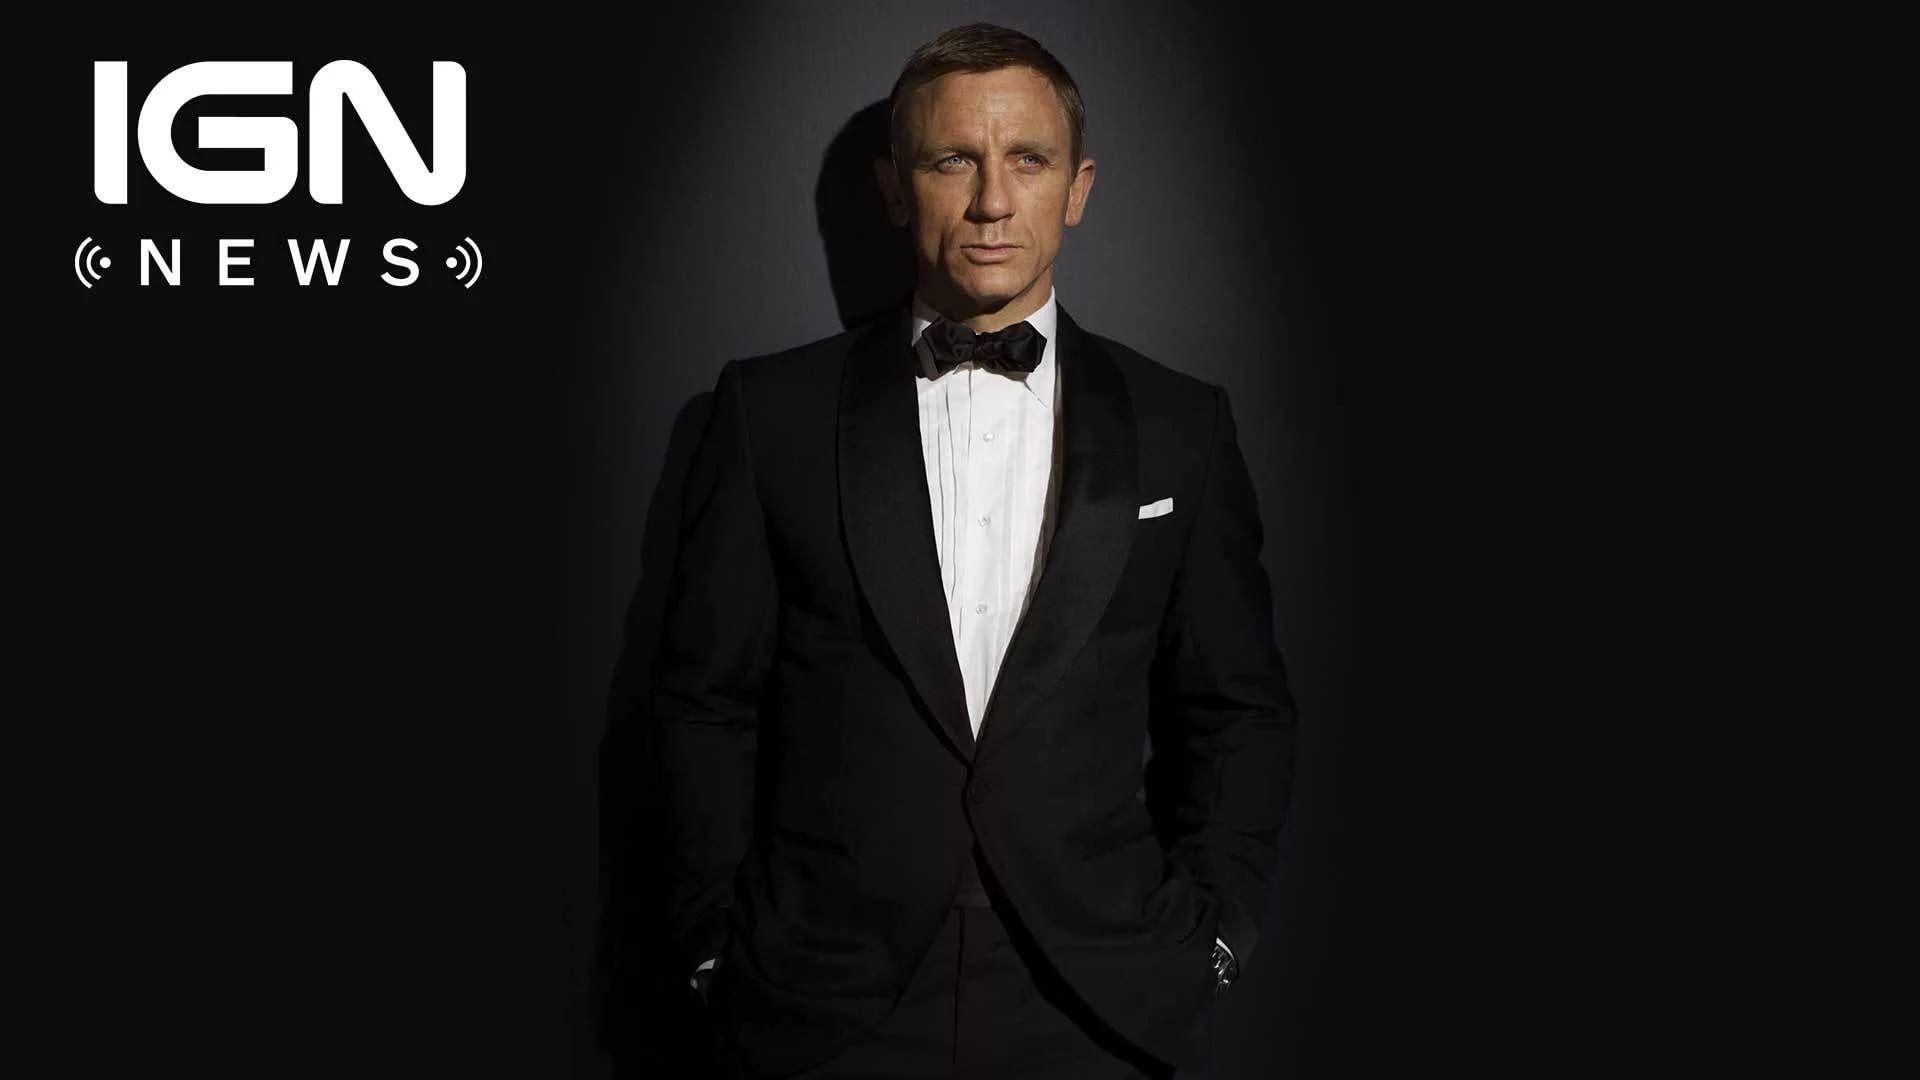 James Bond best Wallpaper